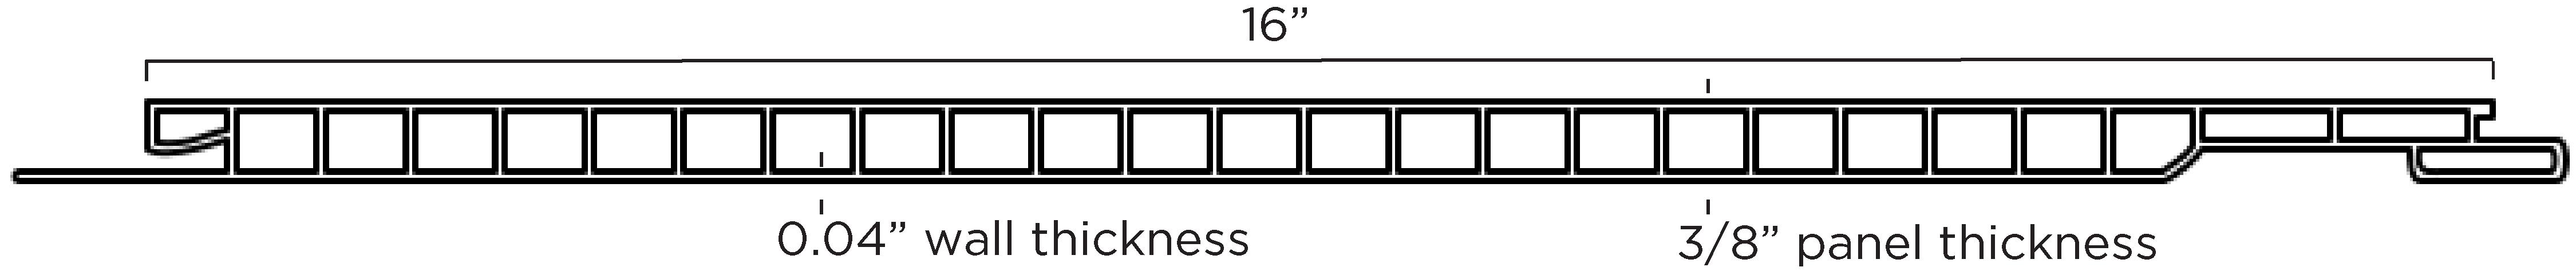 metex_pvc_liner_panel